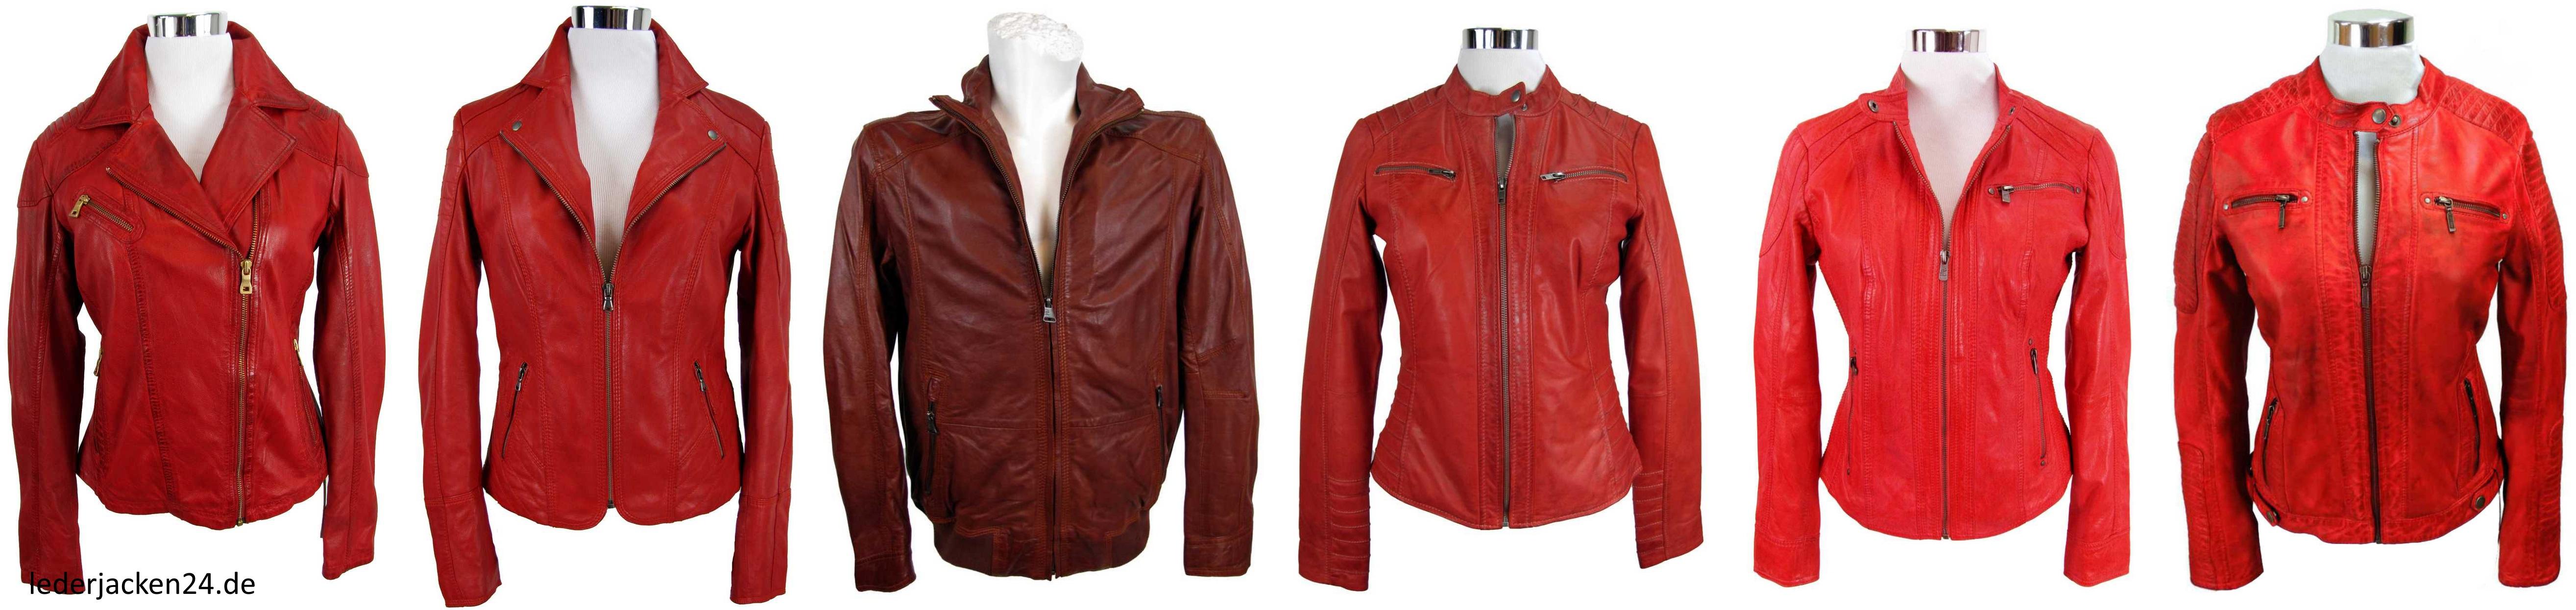 eine Auswahl von sechs roten Lederjacken von lederjacken24.de